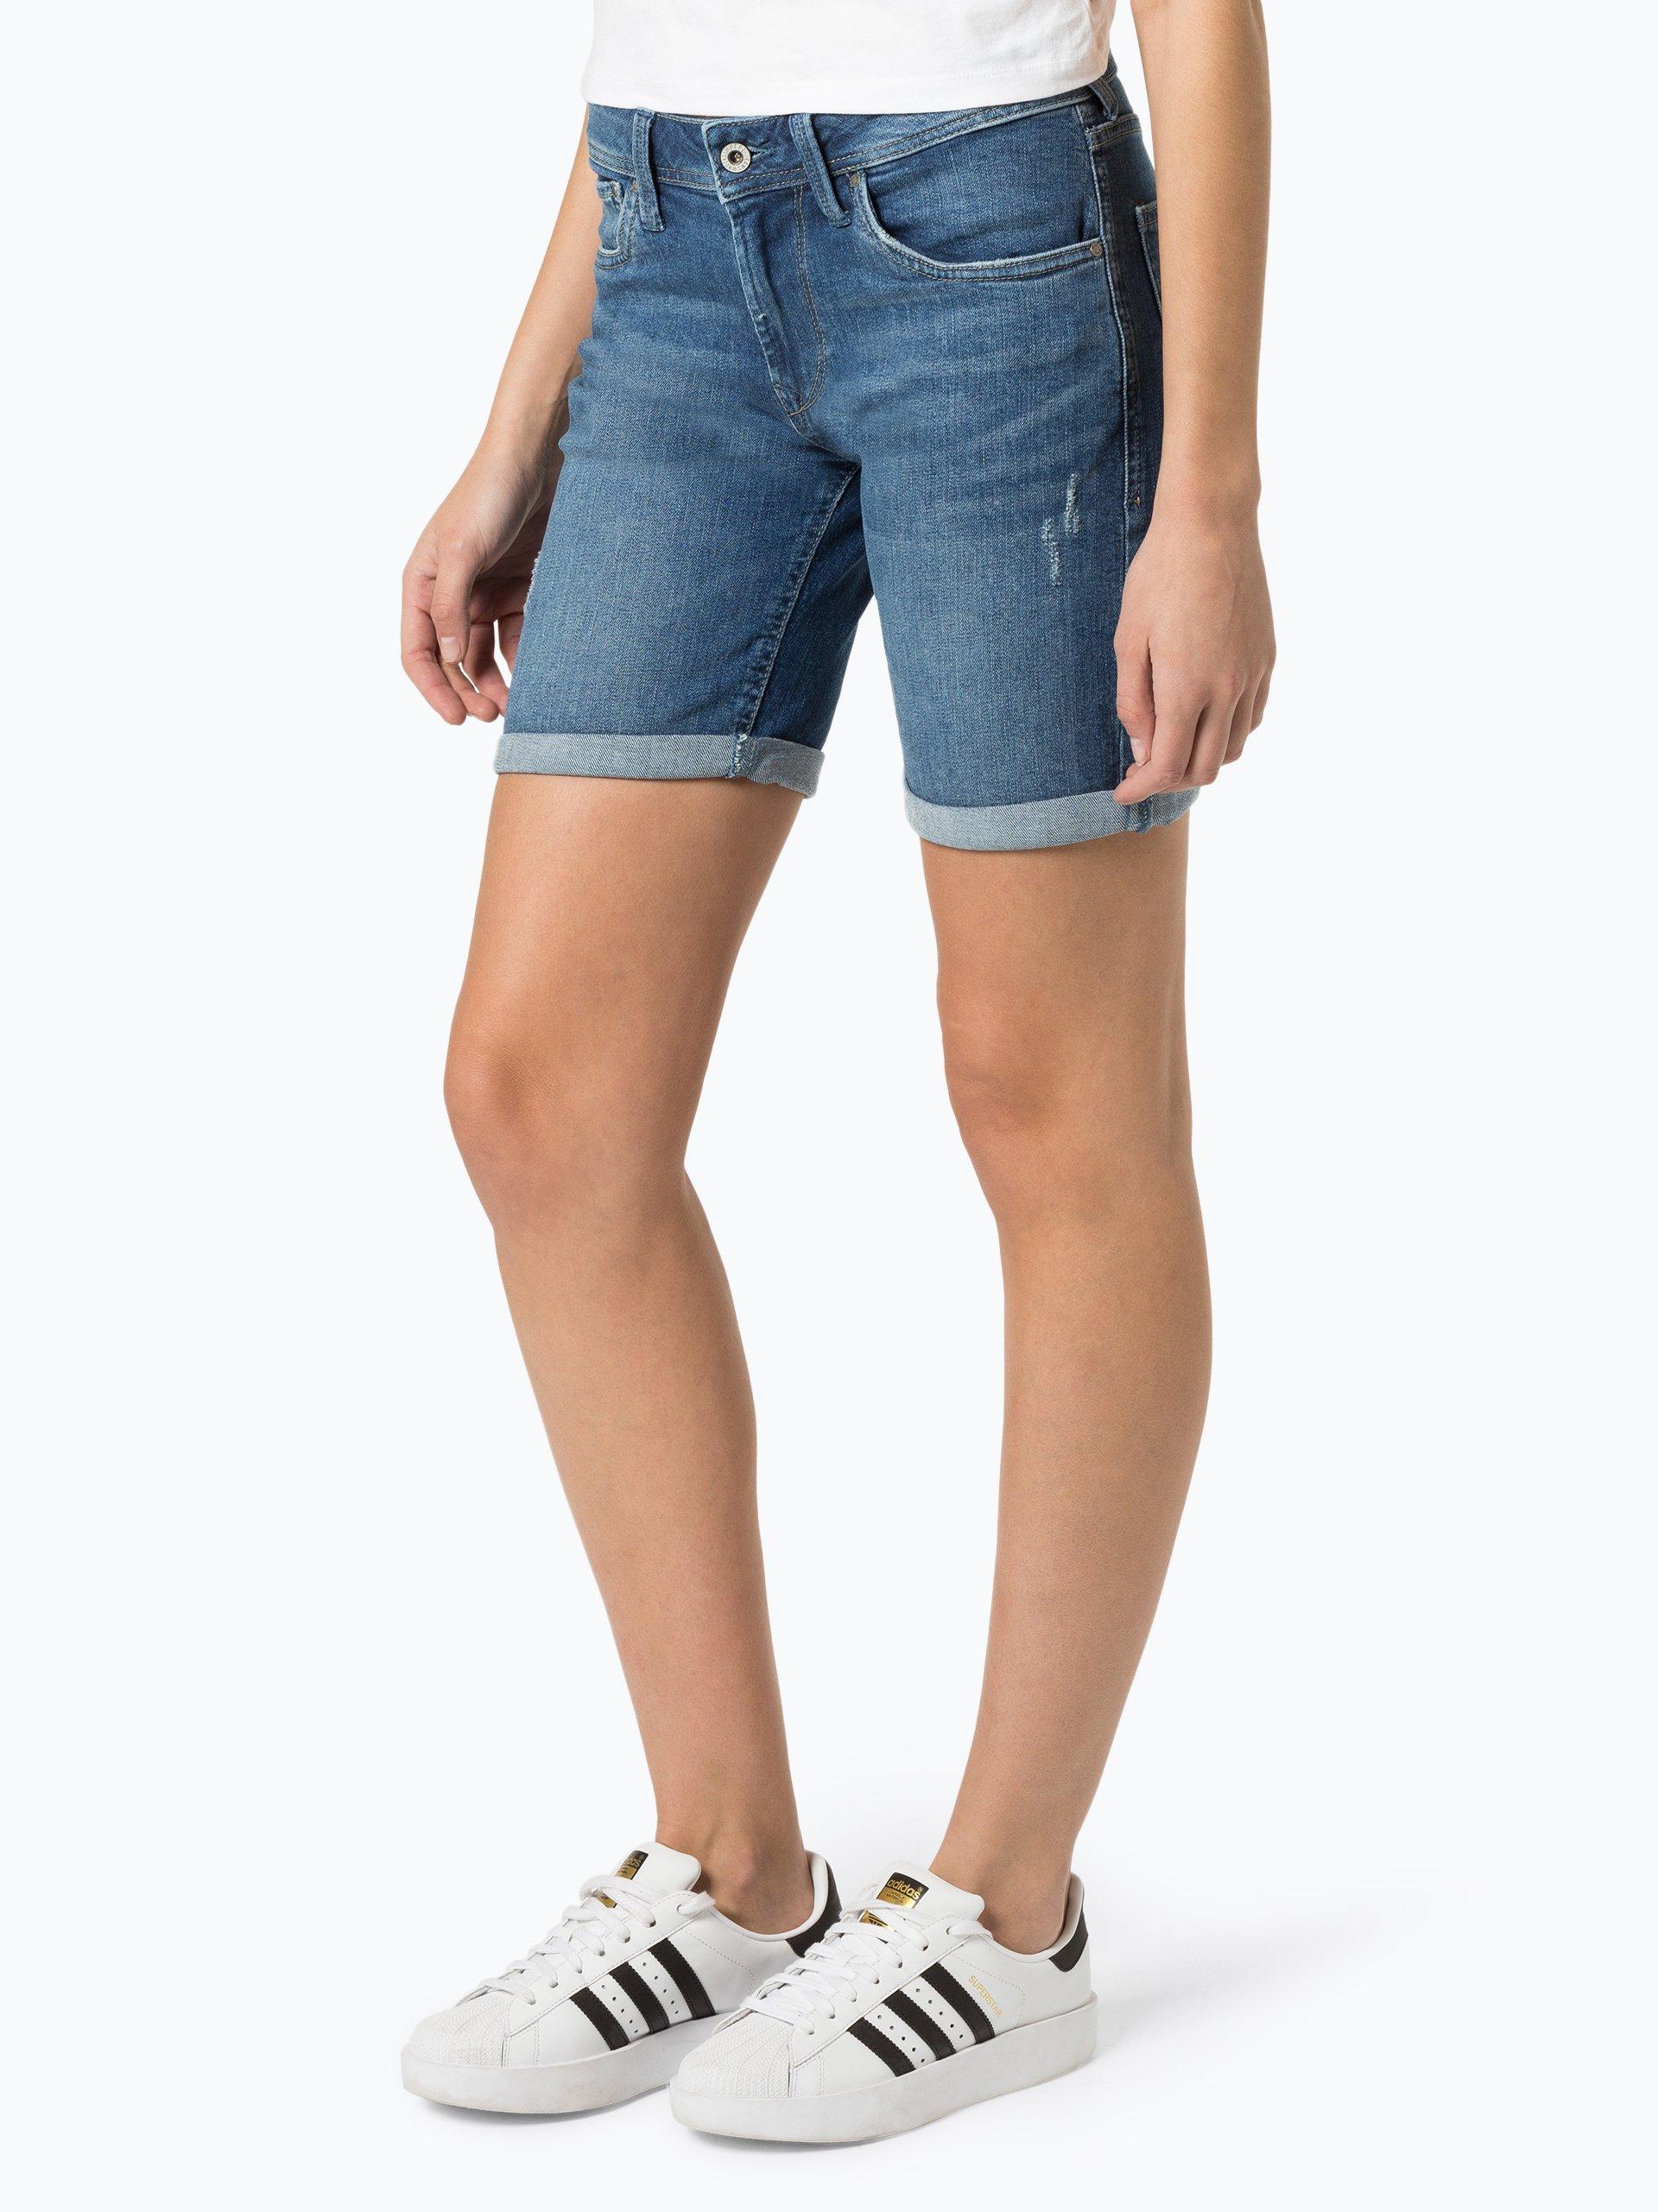 Pepe Jeans Damen Jeansshorts - Poppy